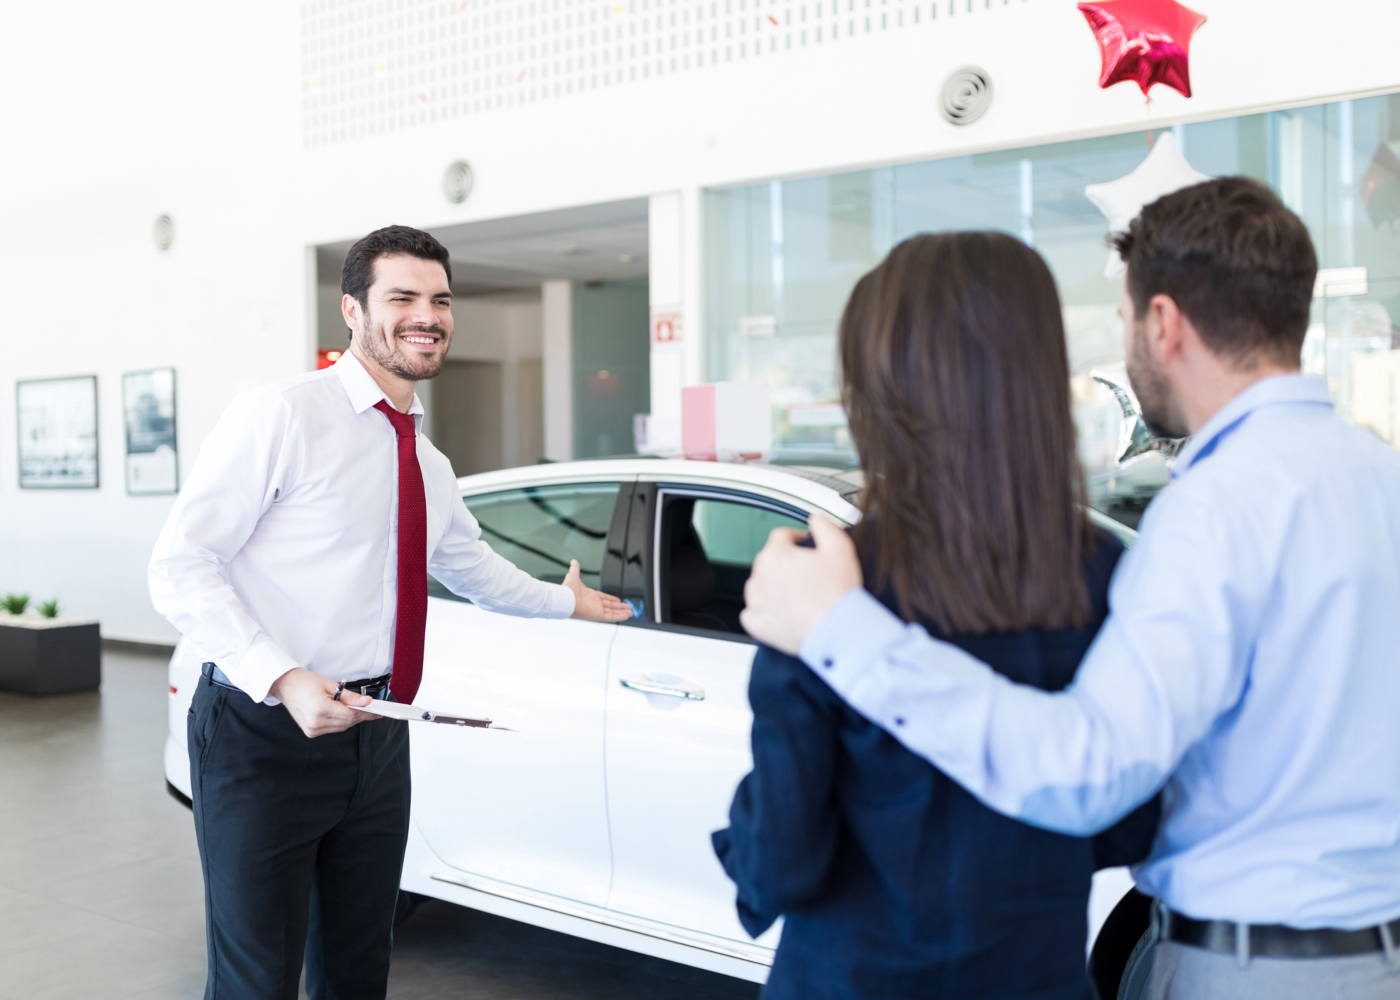 vendedor a mostrar carro novo